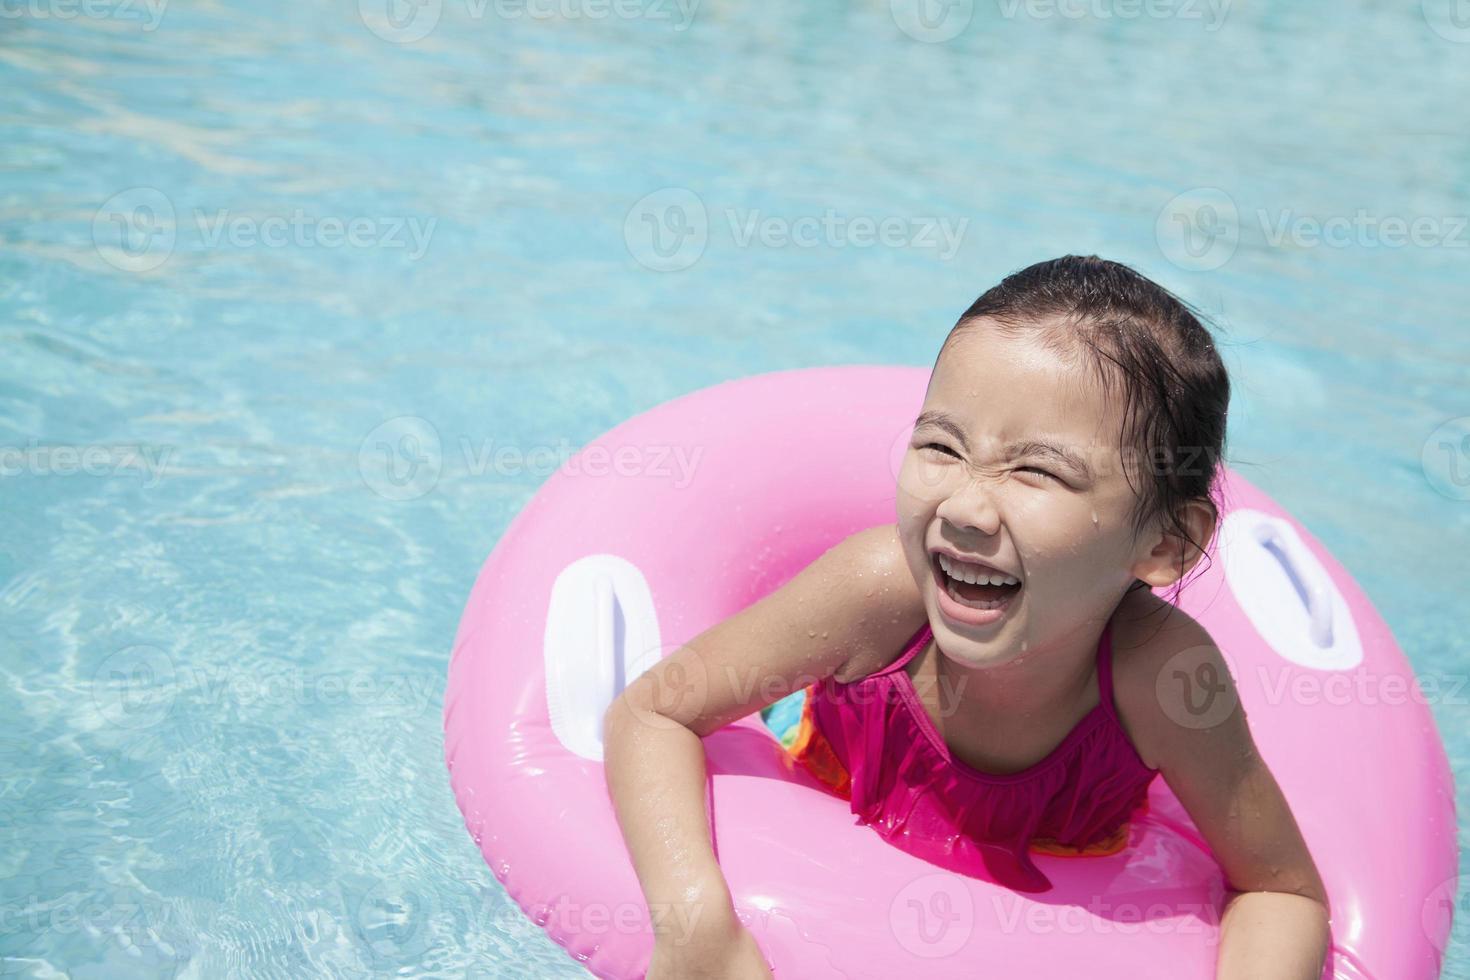 ragazza carina nuoto in piscina con un tubo rosa foto